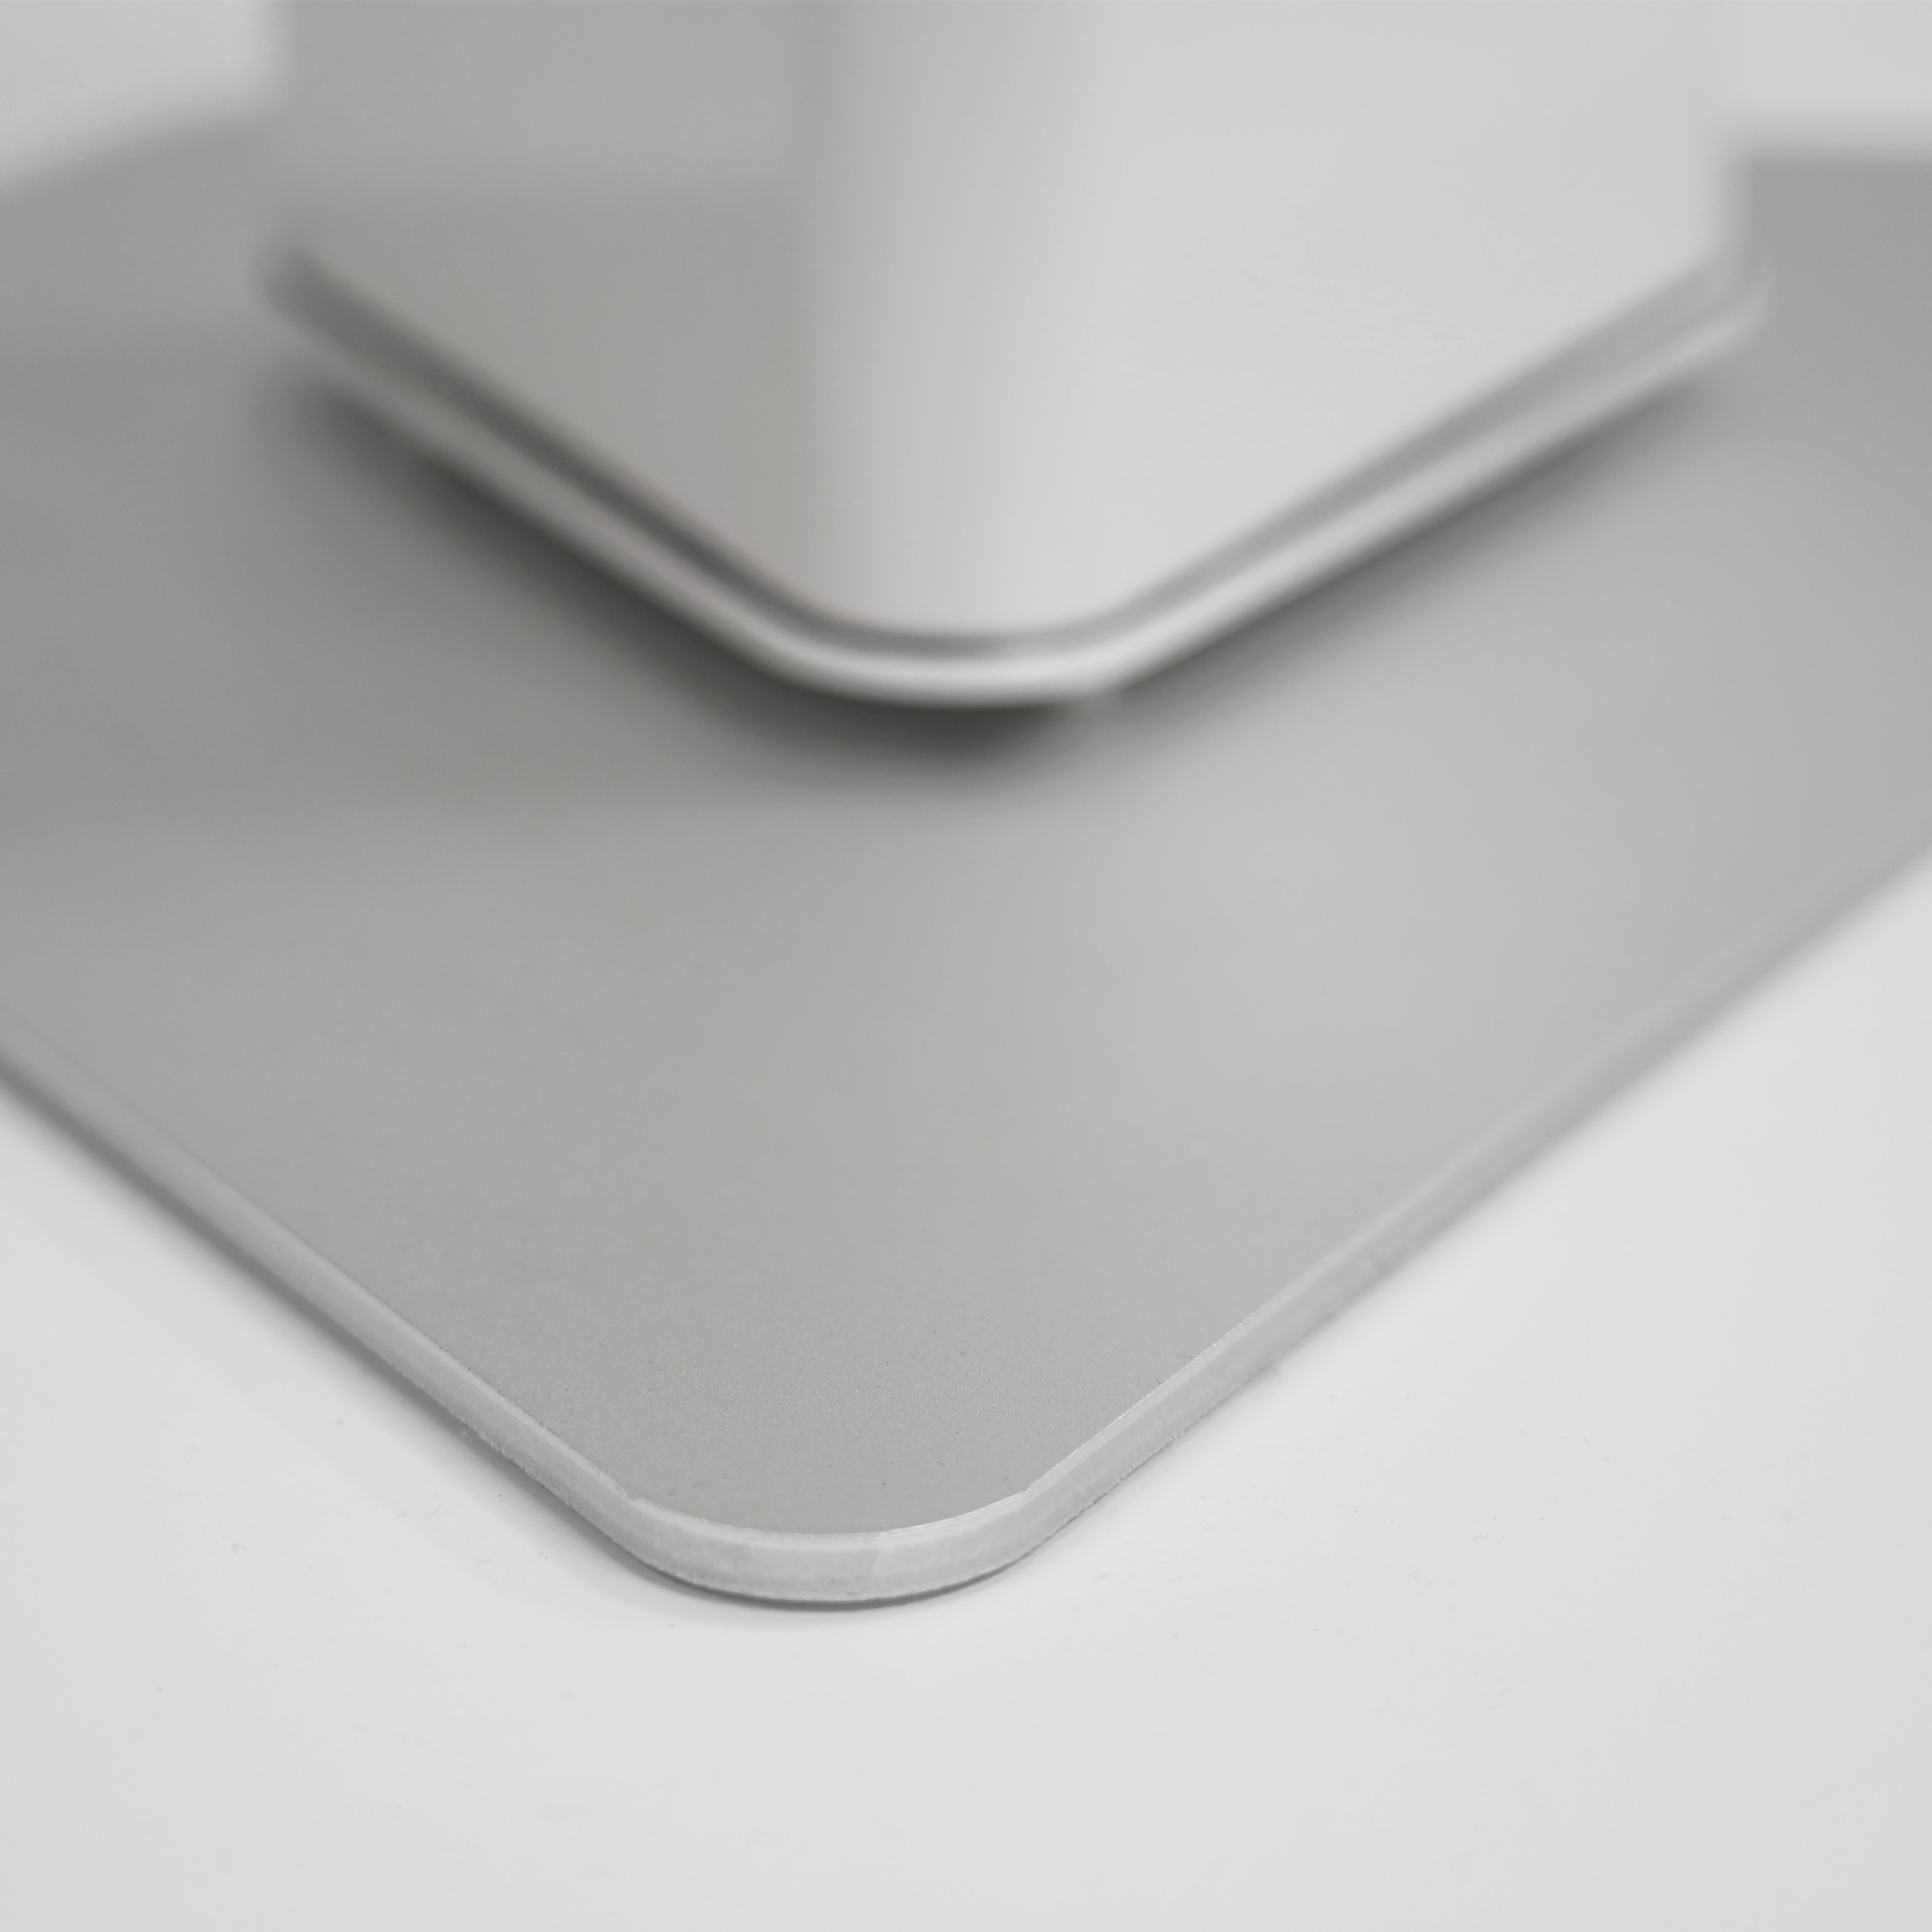 Stand-Heizstrahler mit Aluminium Fuß für mehr Stabilität